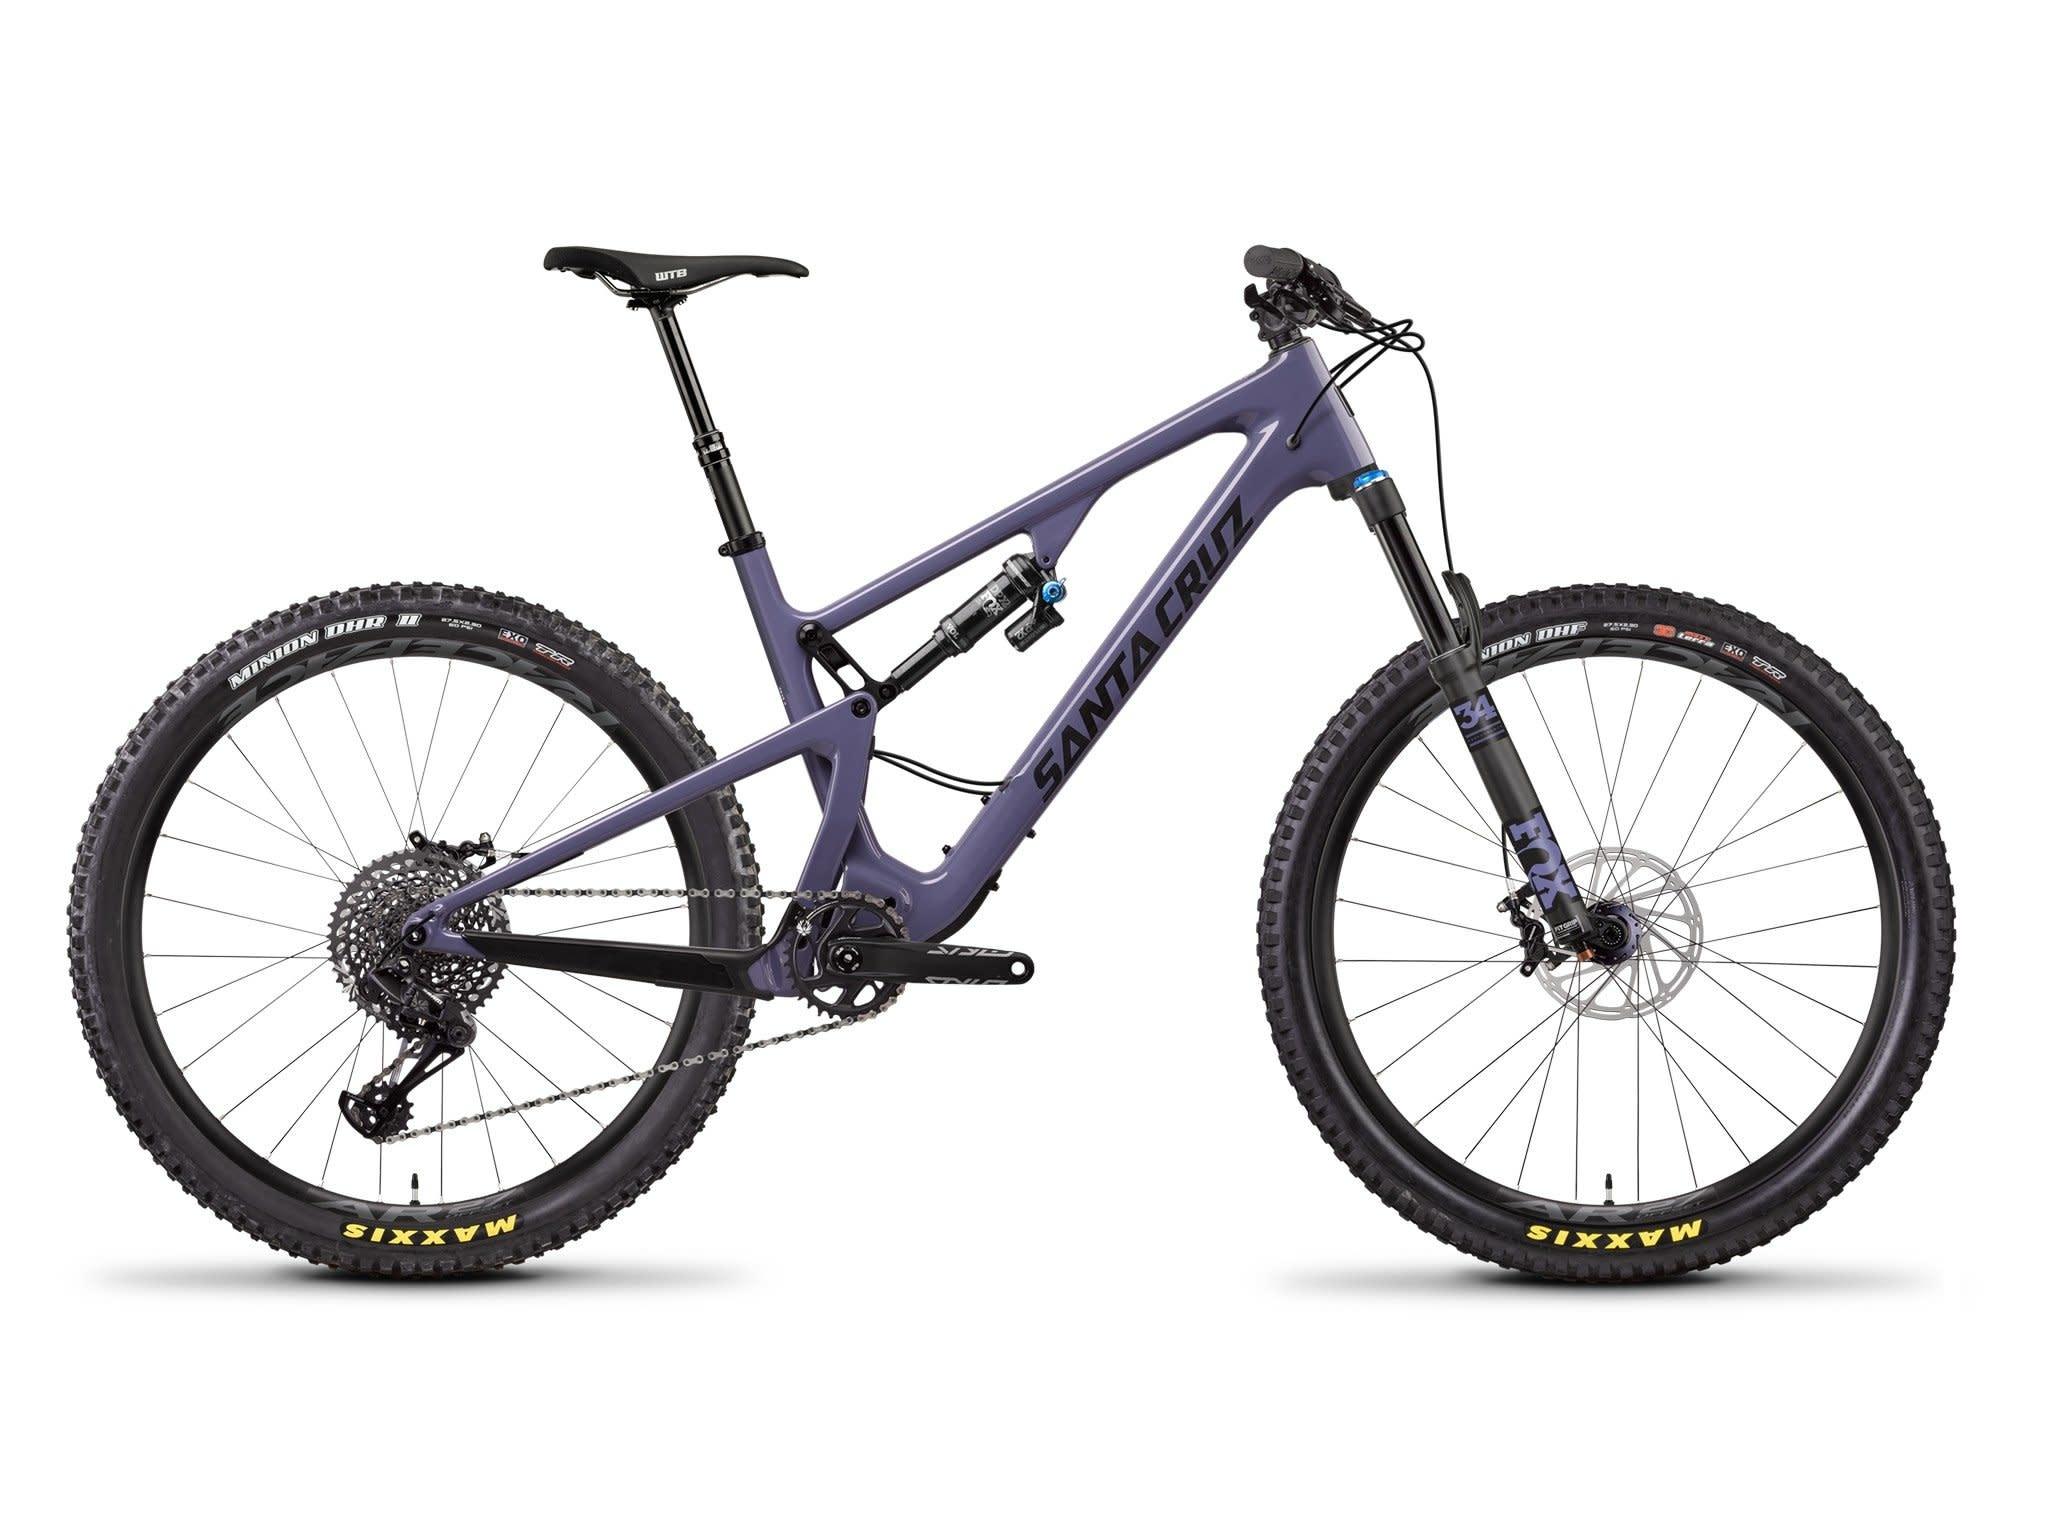 Santa Cruz 2019 Santa Cruz 5010 C, 27.5, Large, S-Kit, Purple